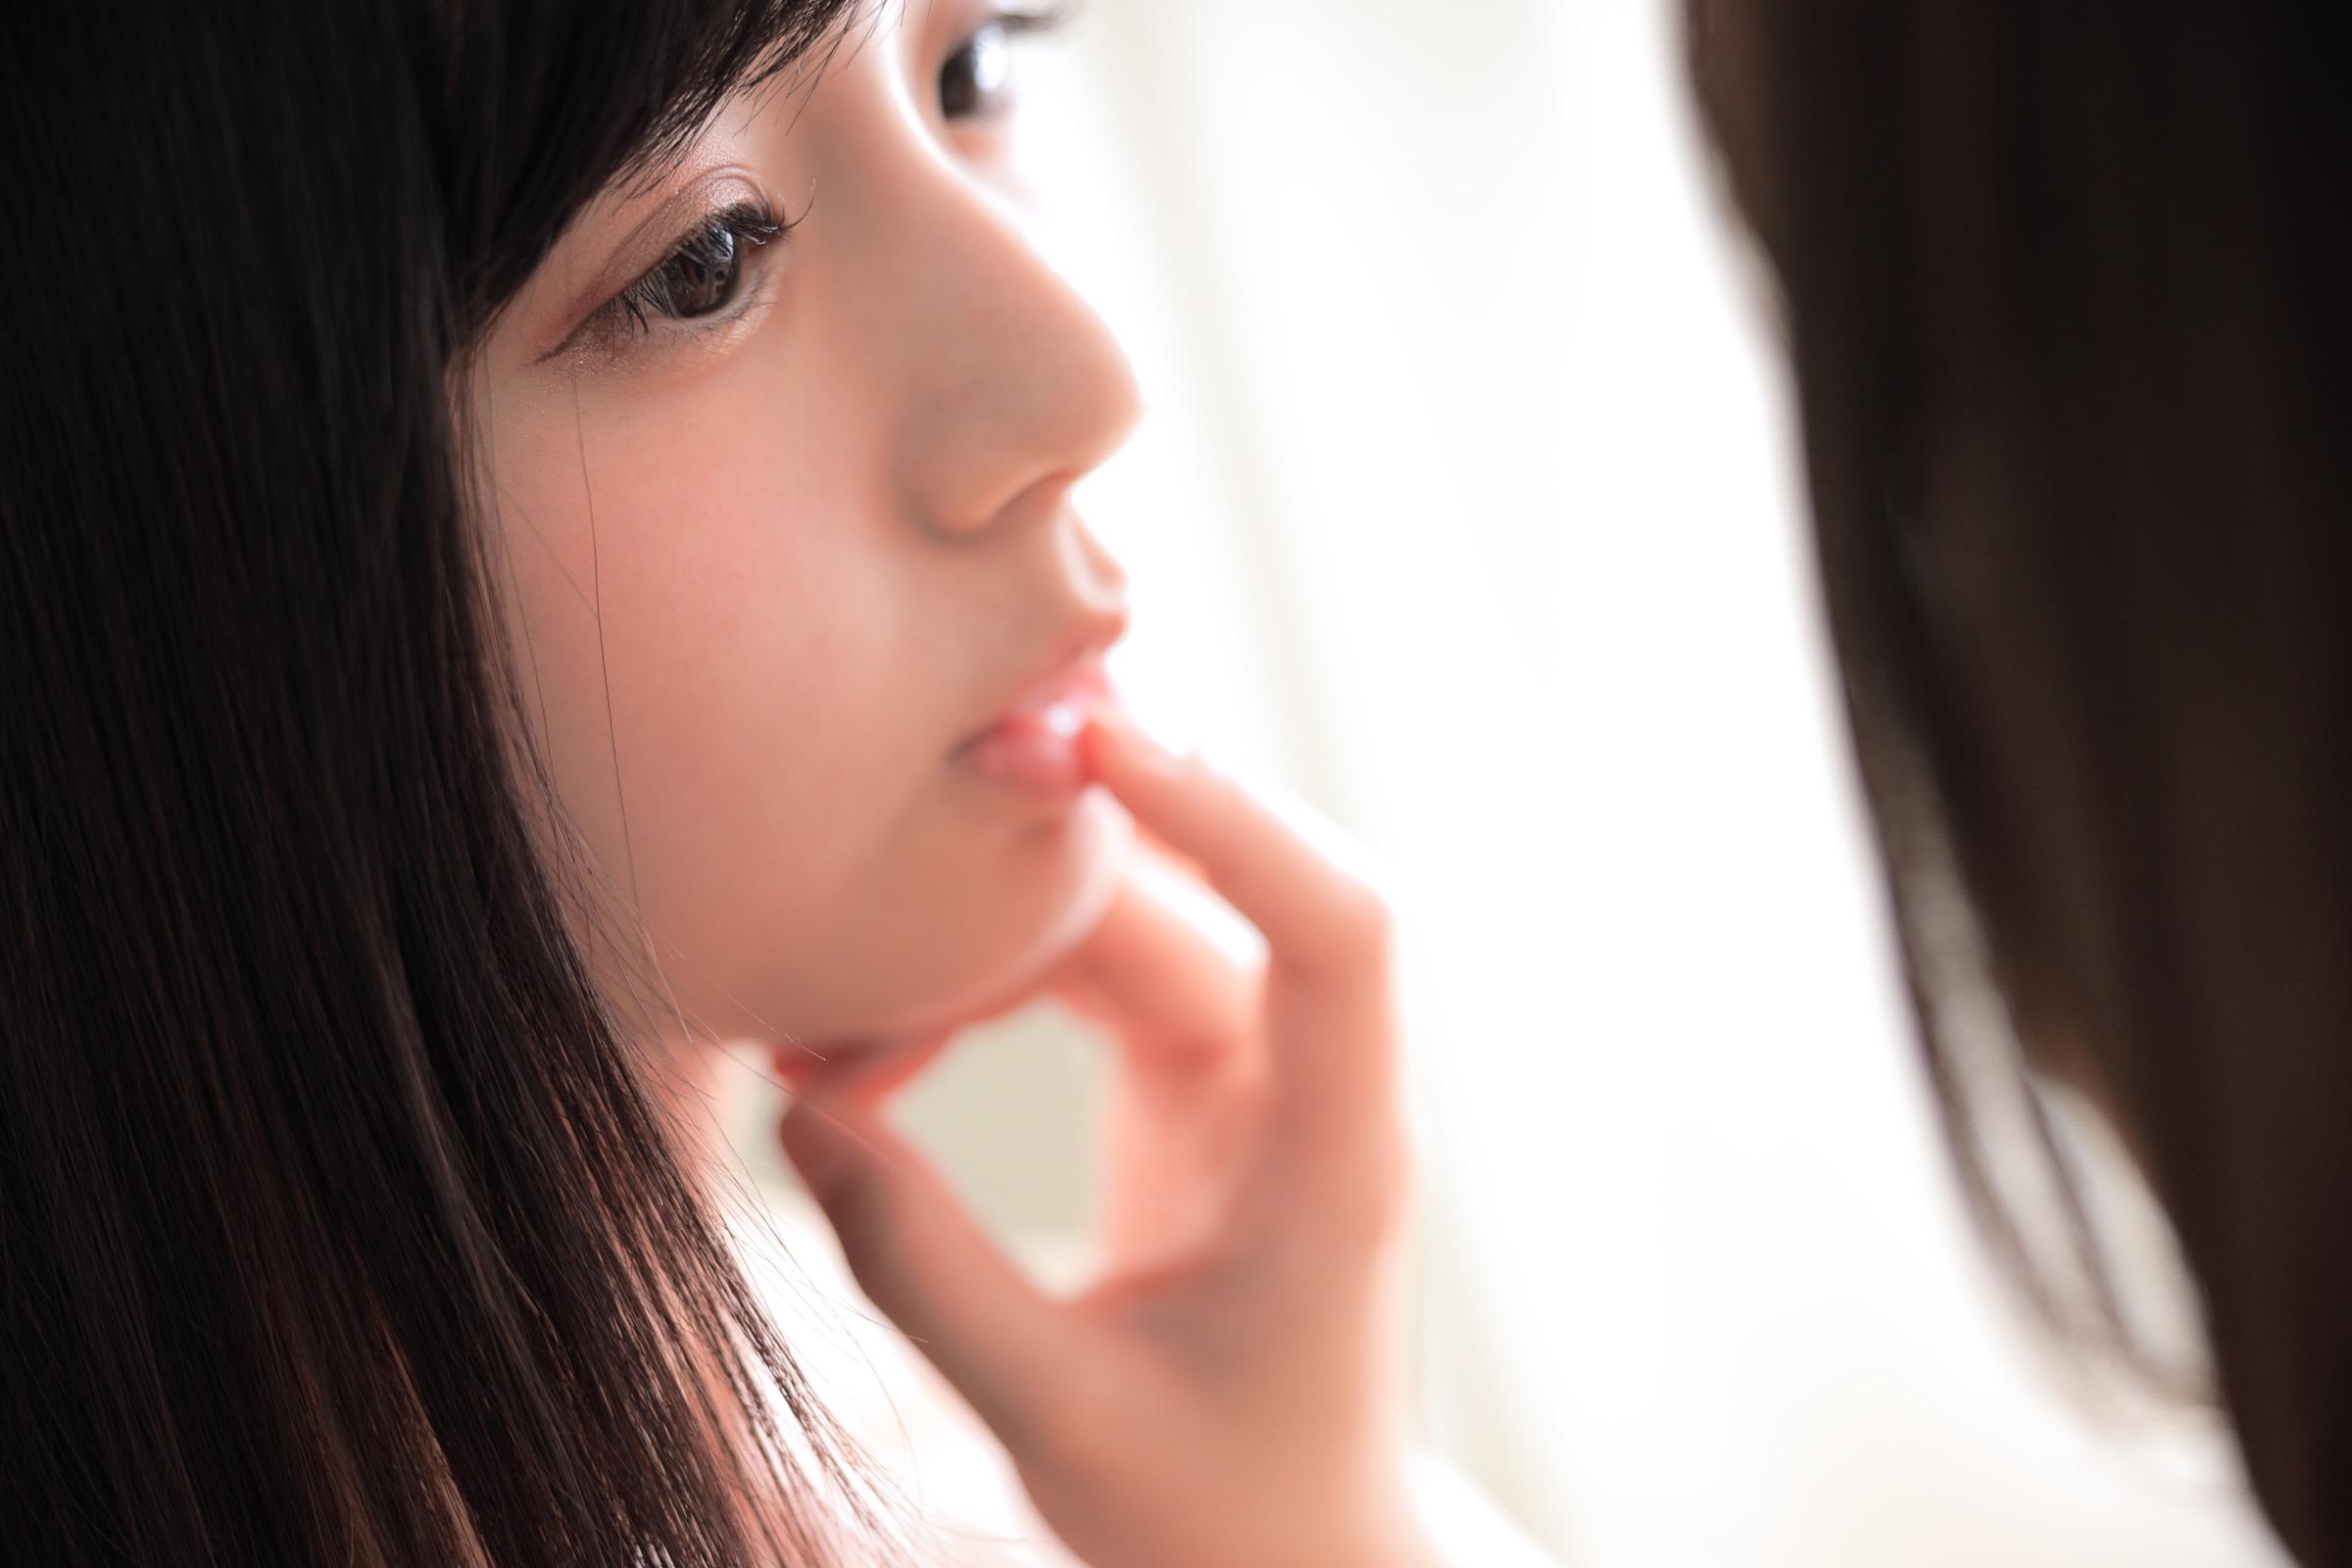 shohei_kurosawa 1202949226197438465_p3